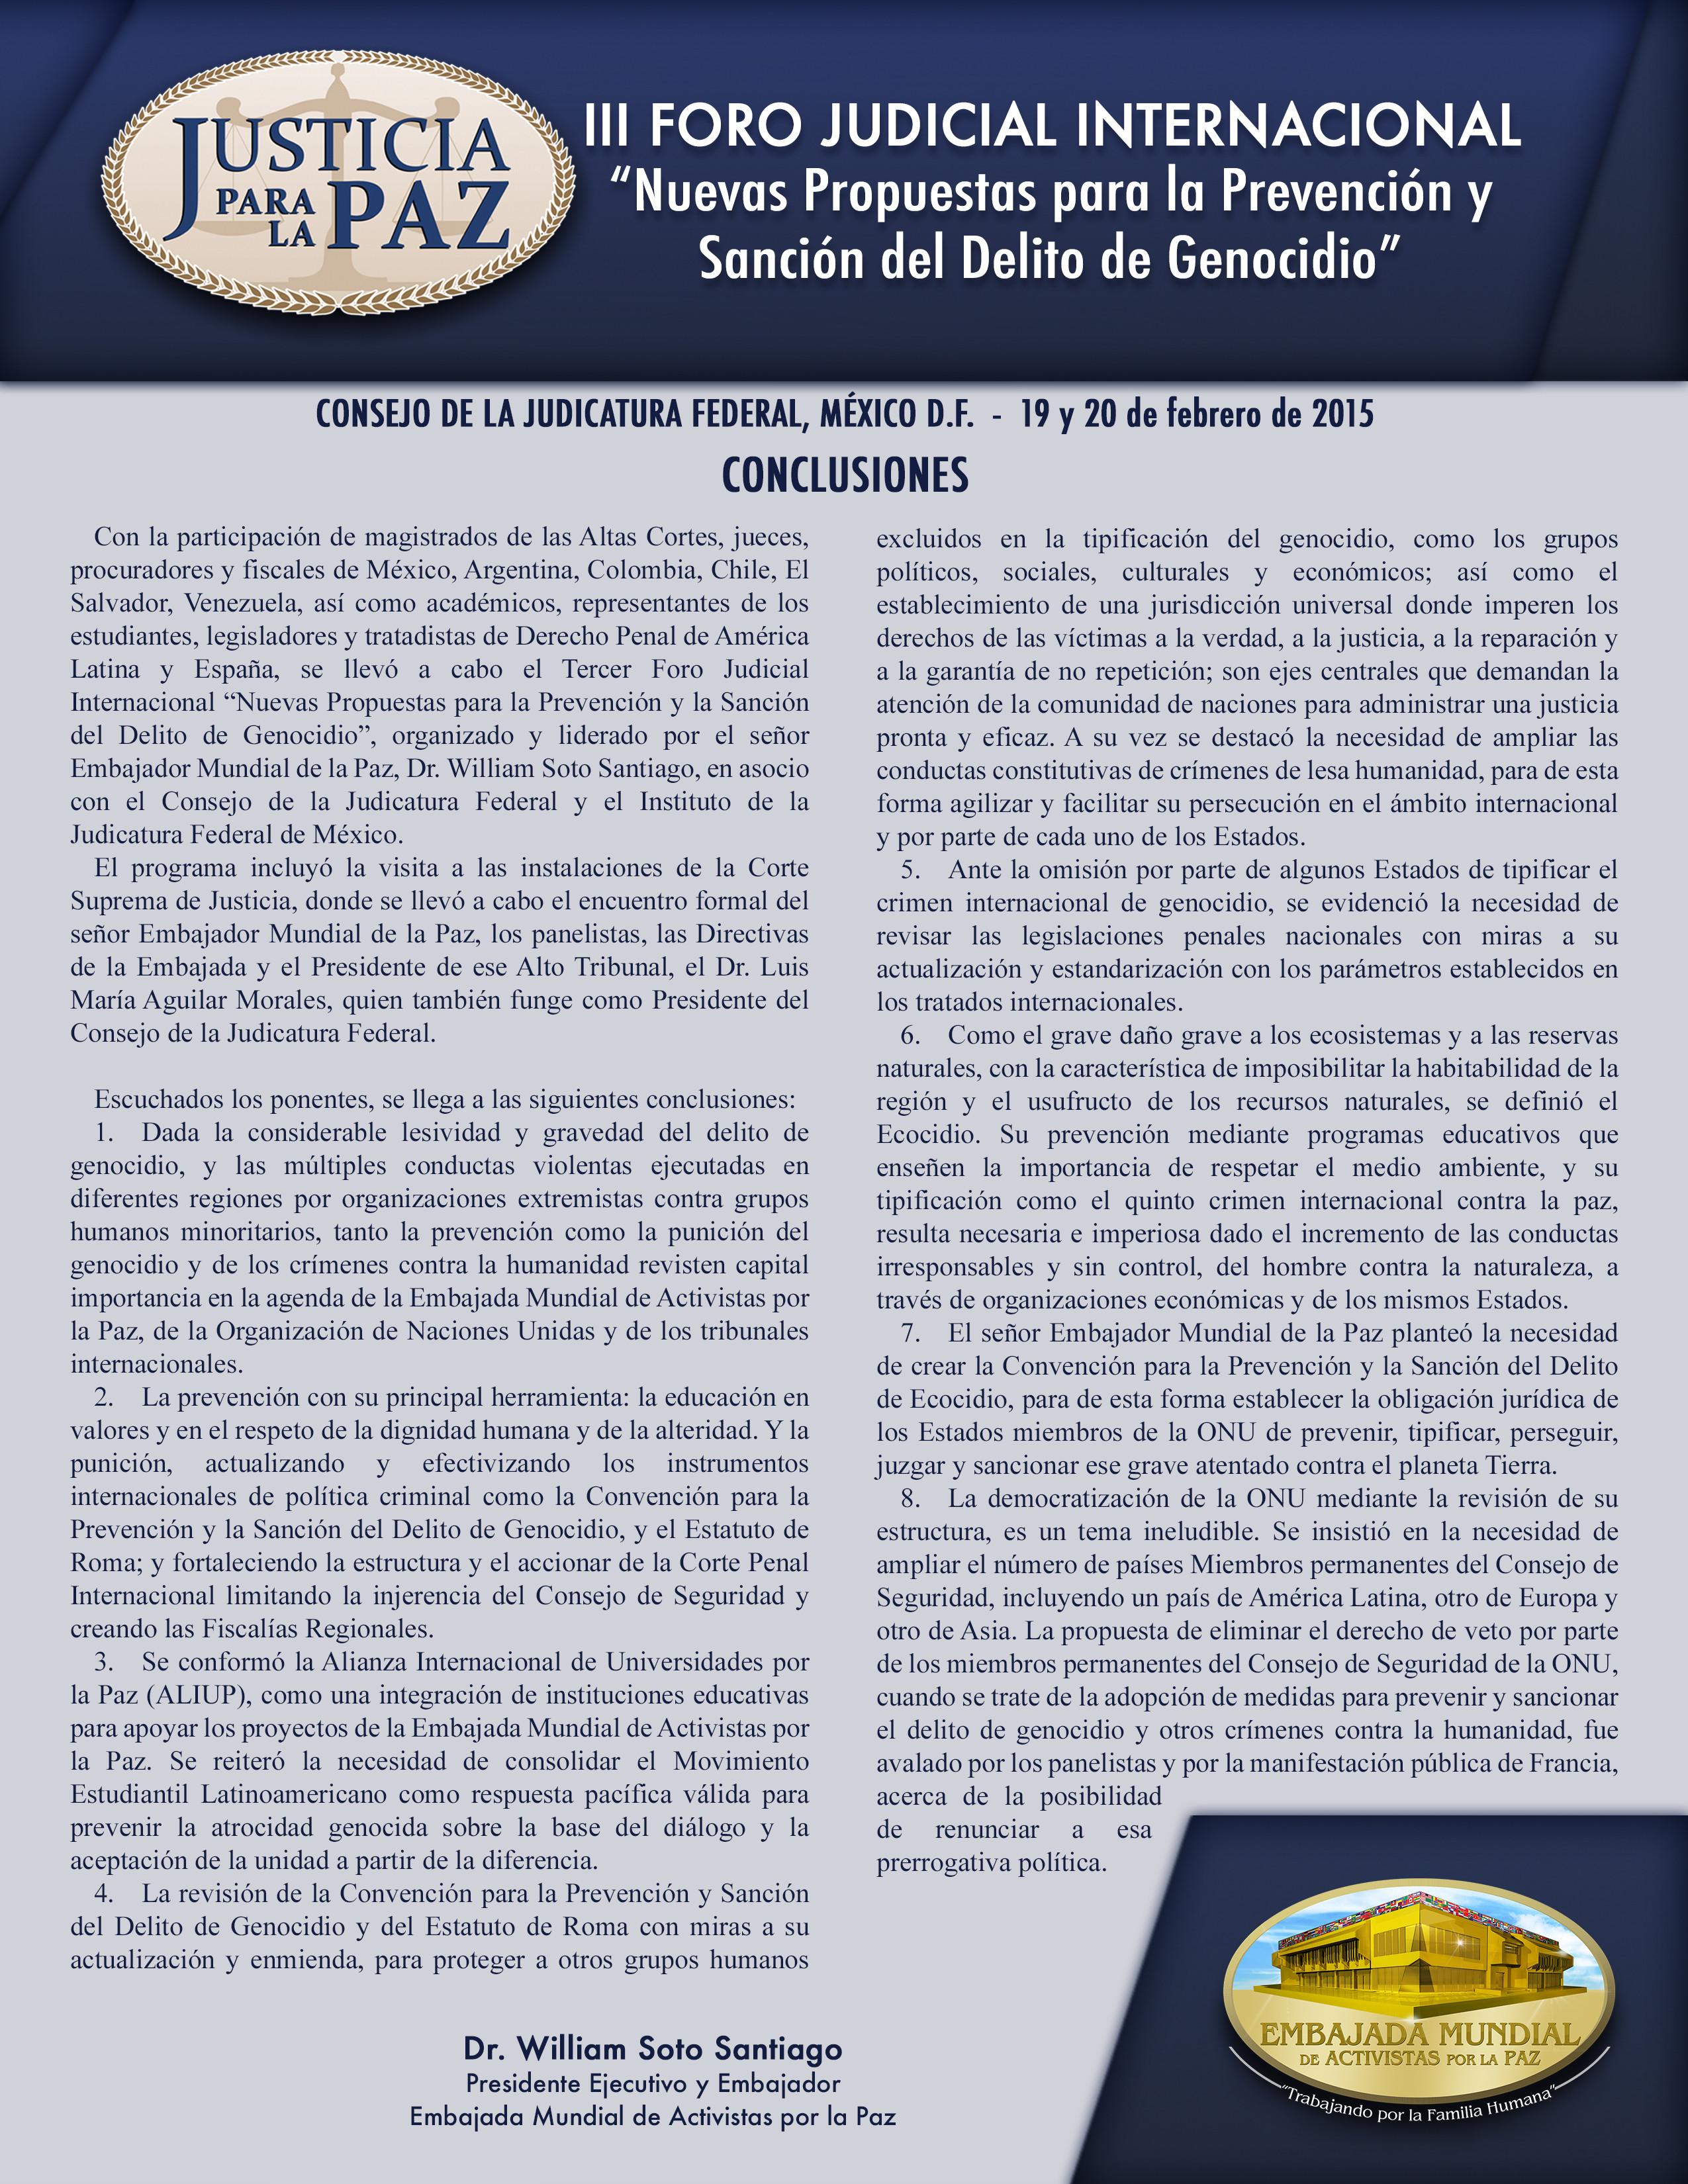 CONCLUSIONES MEXICO III Foro Judicial Internacional